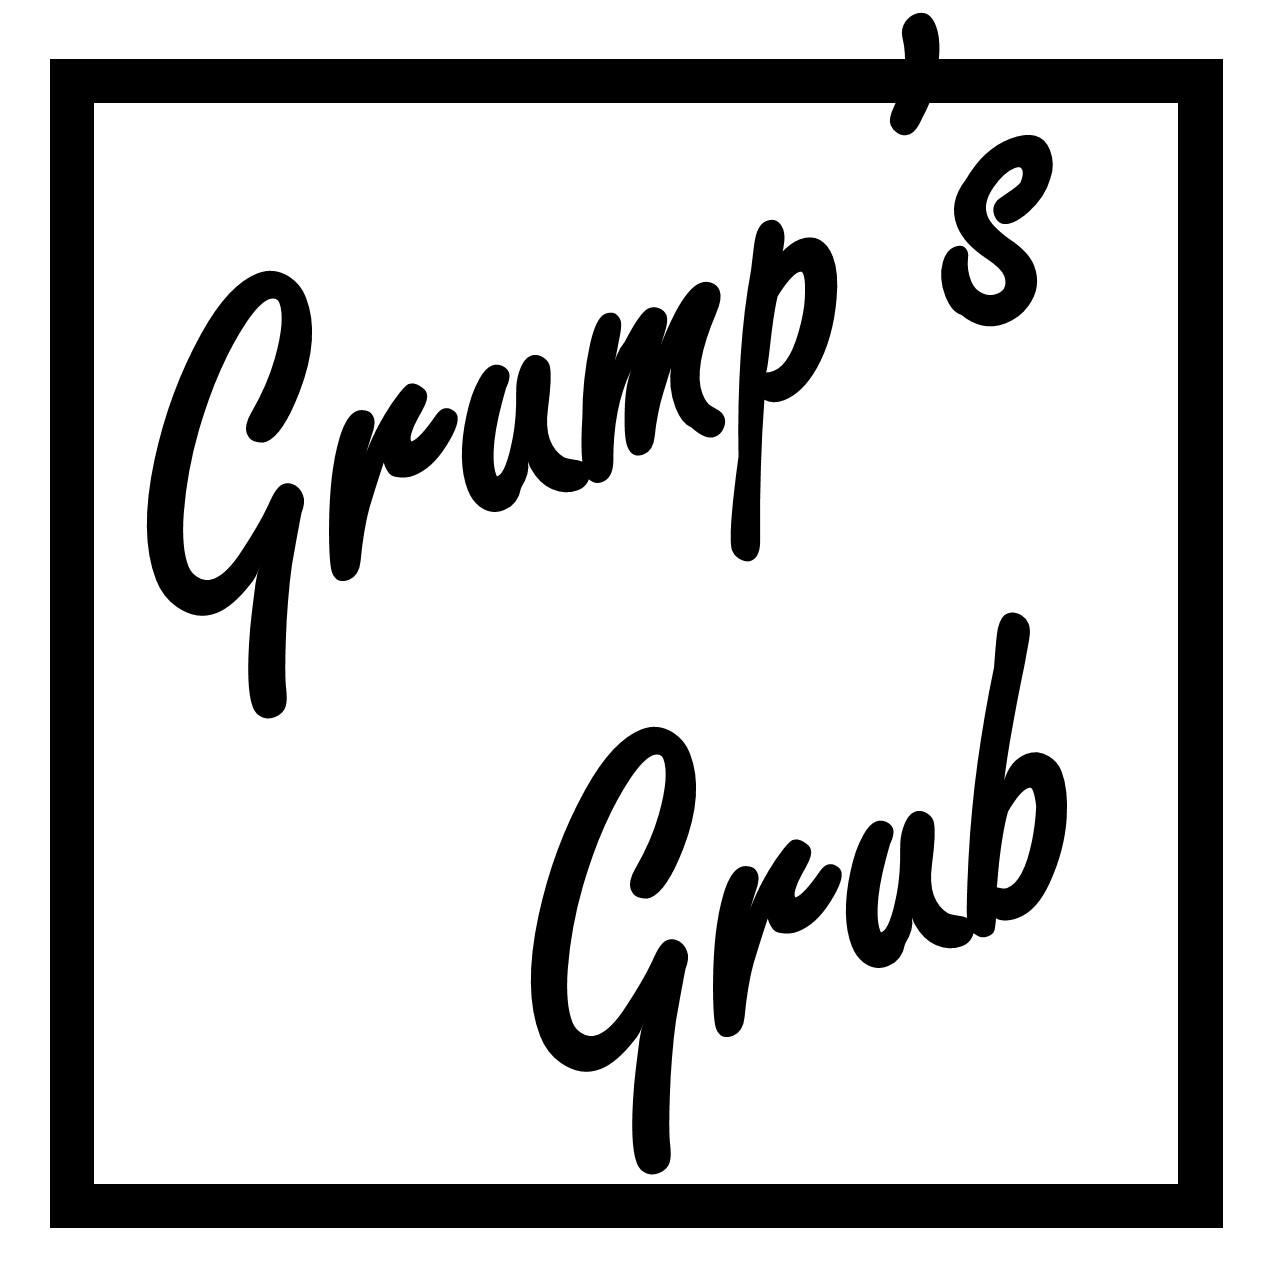 Grumps Grub